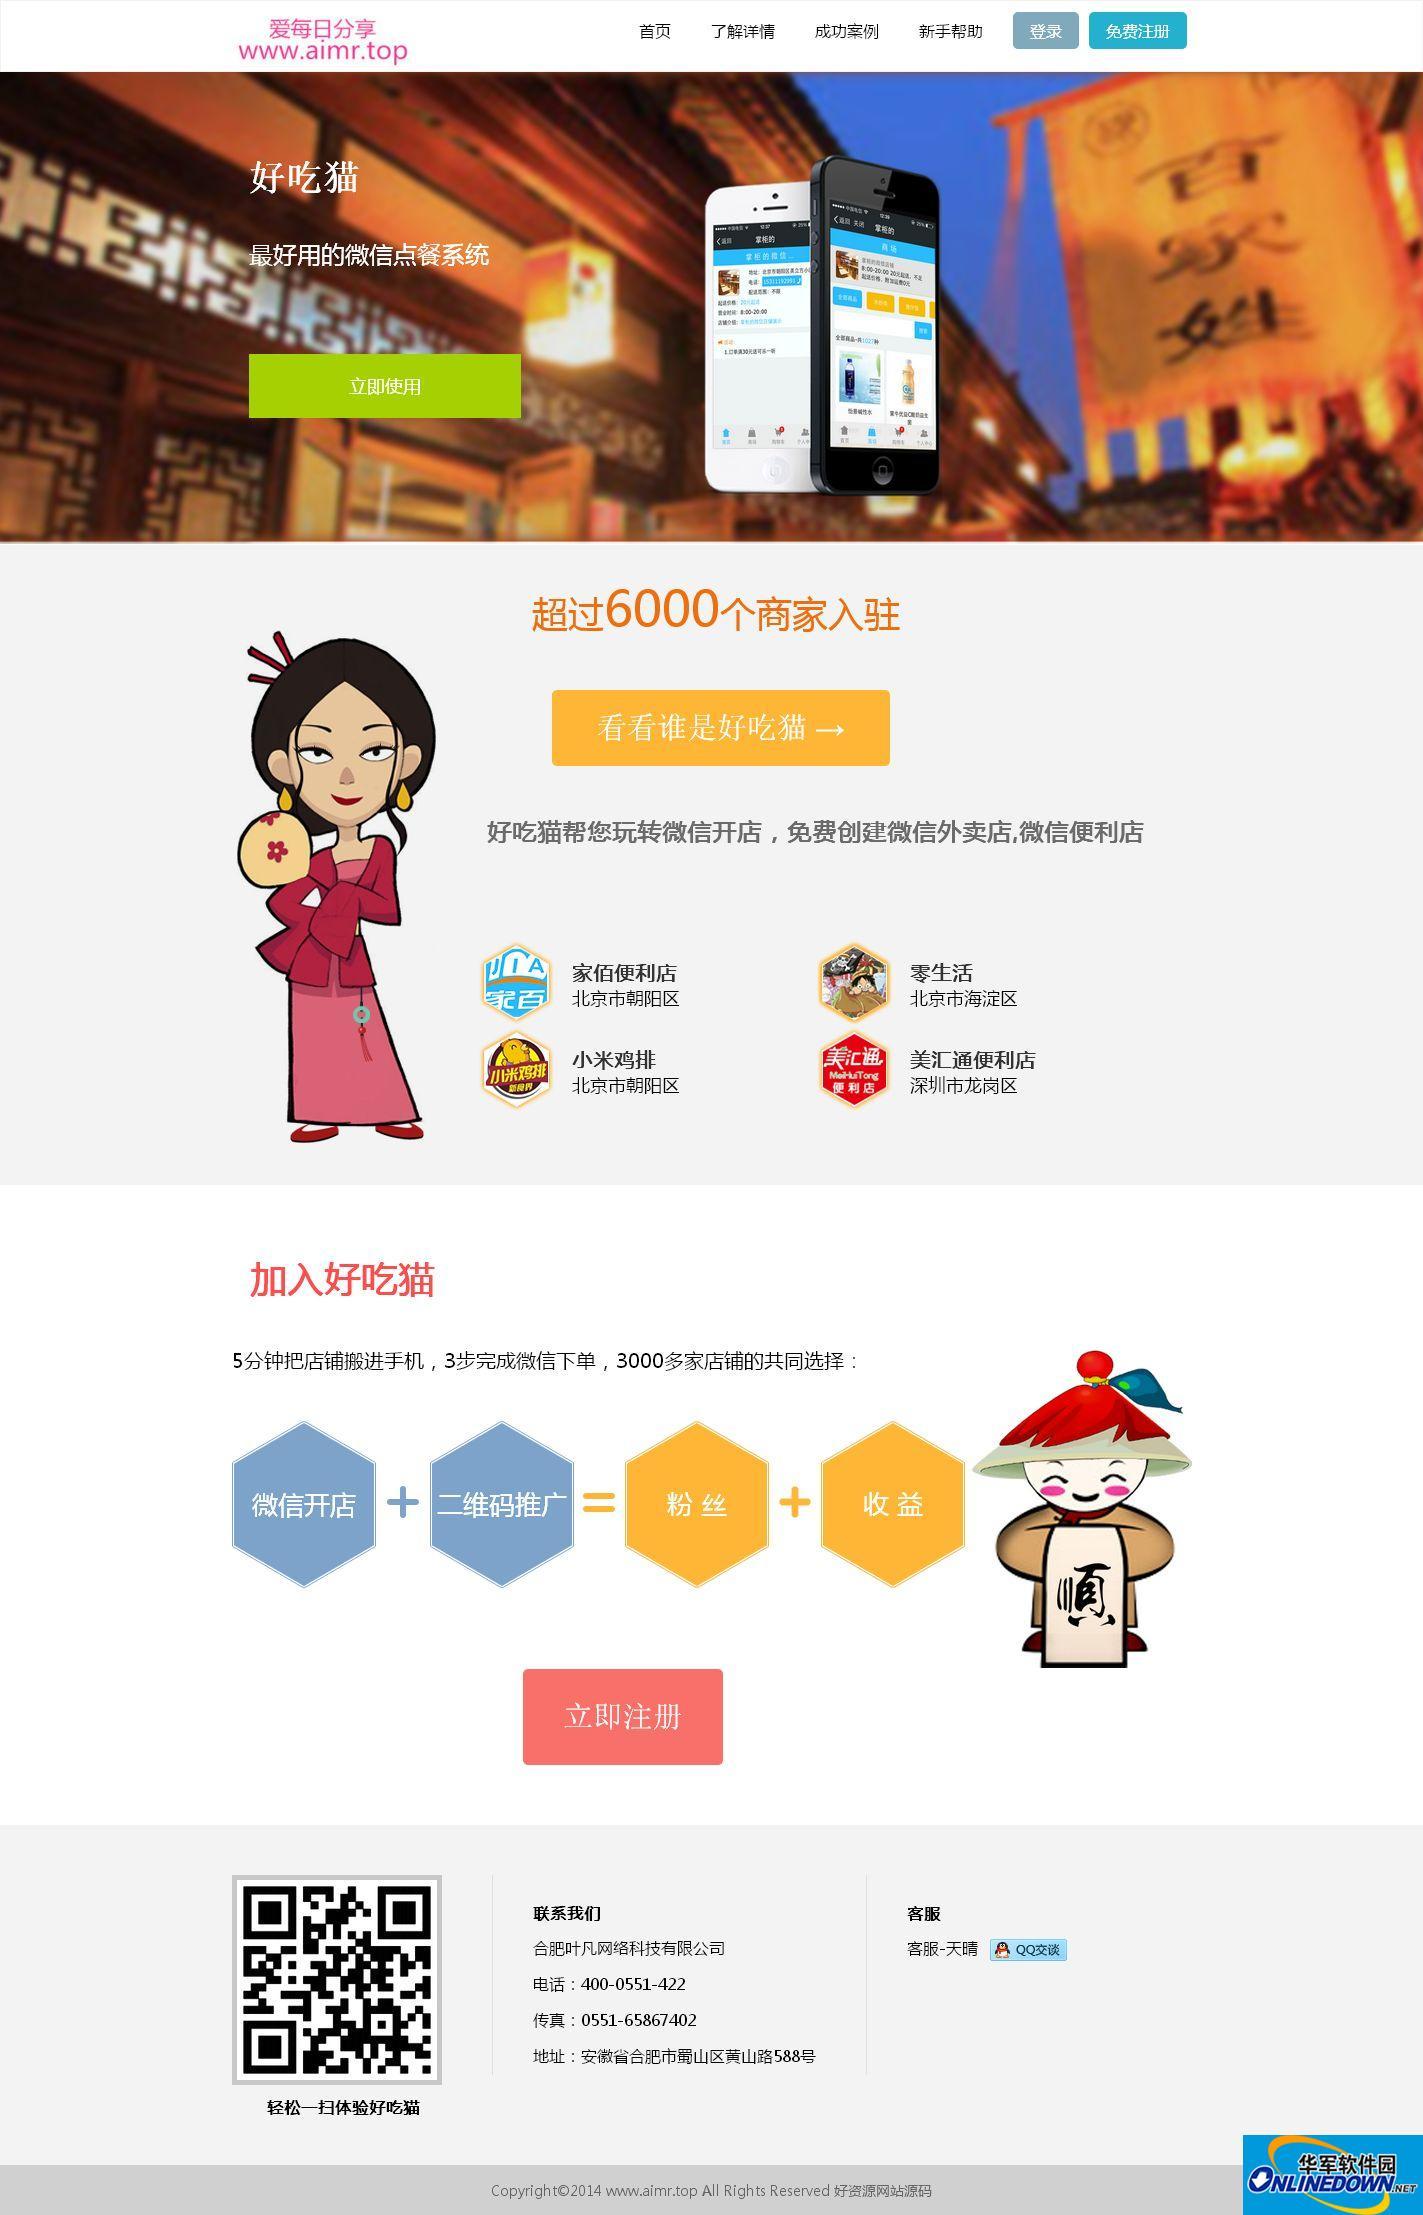 微信网上订餐系统多用户版